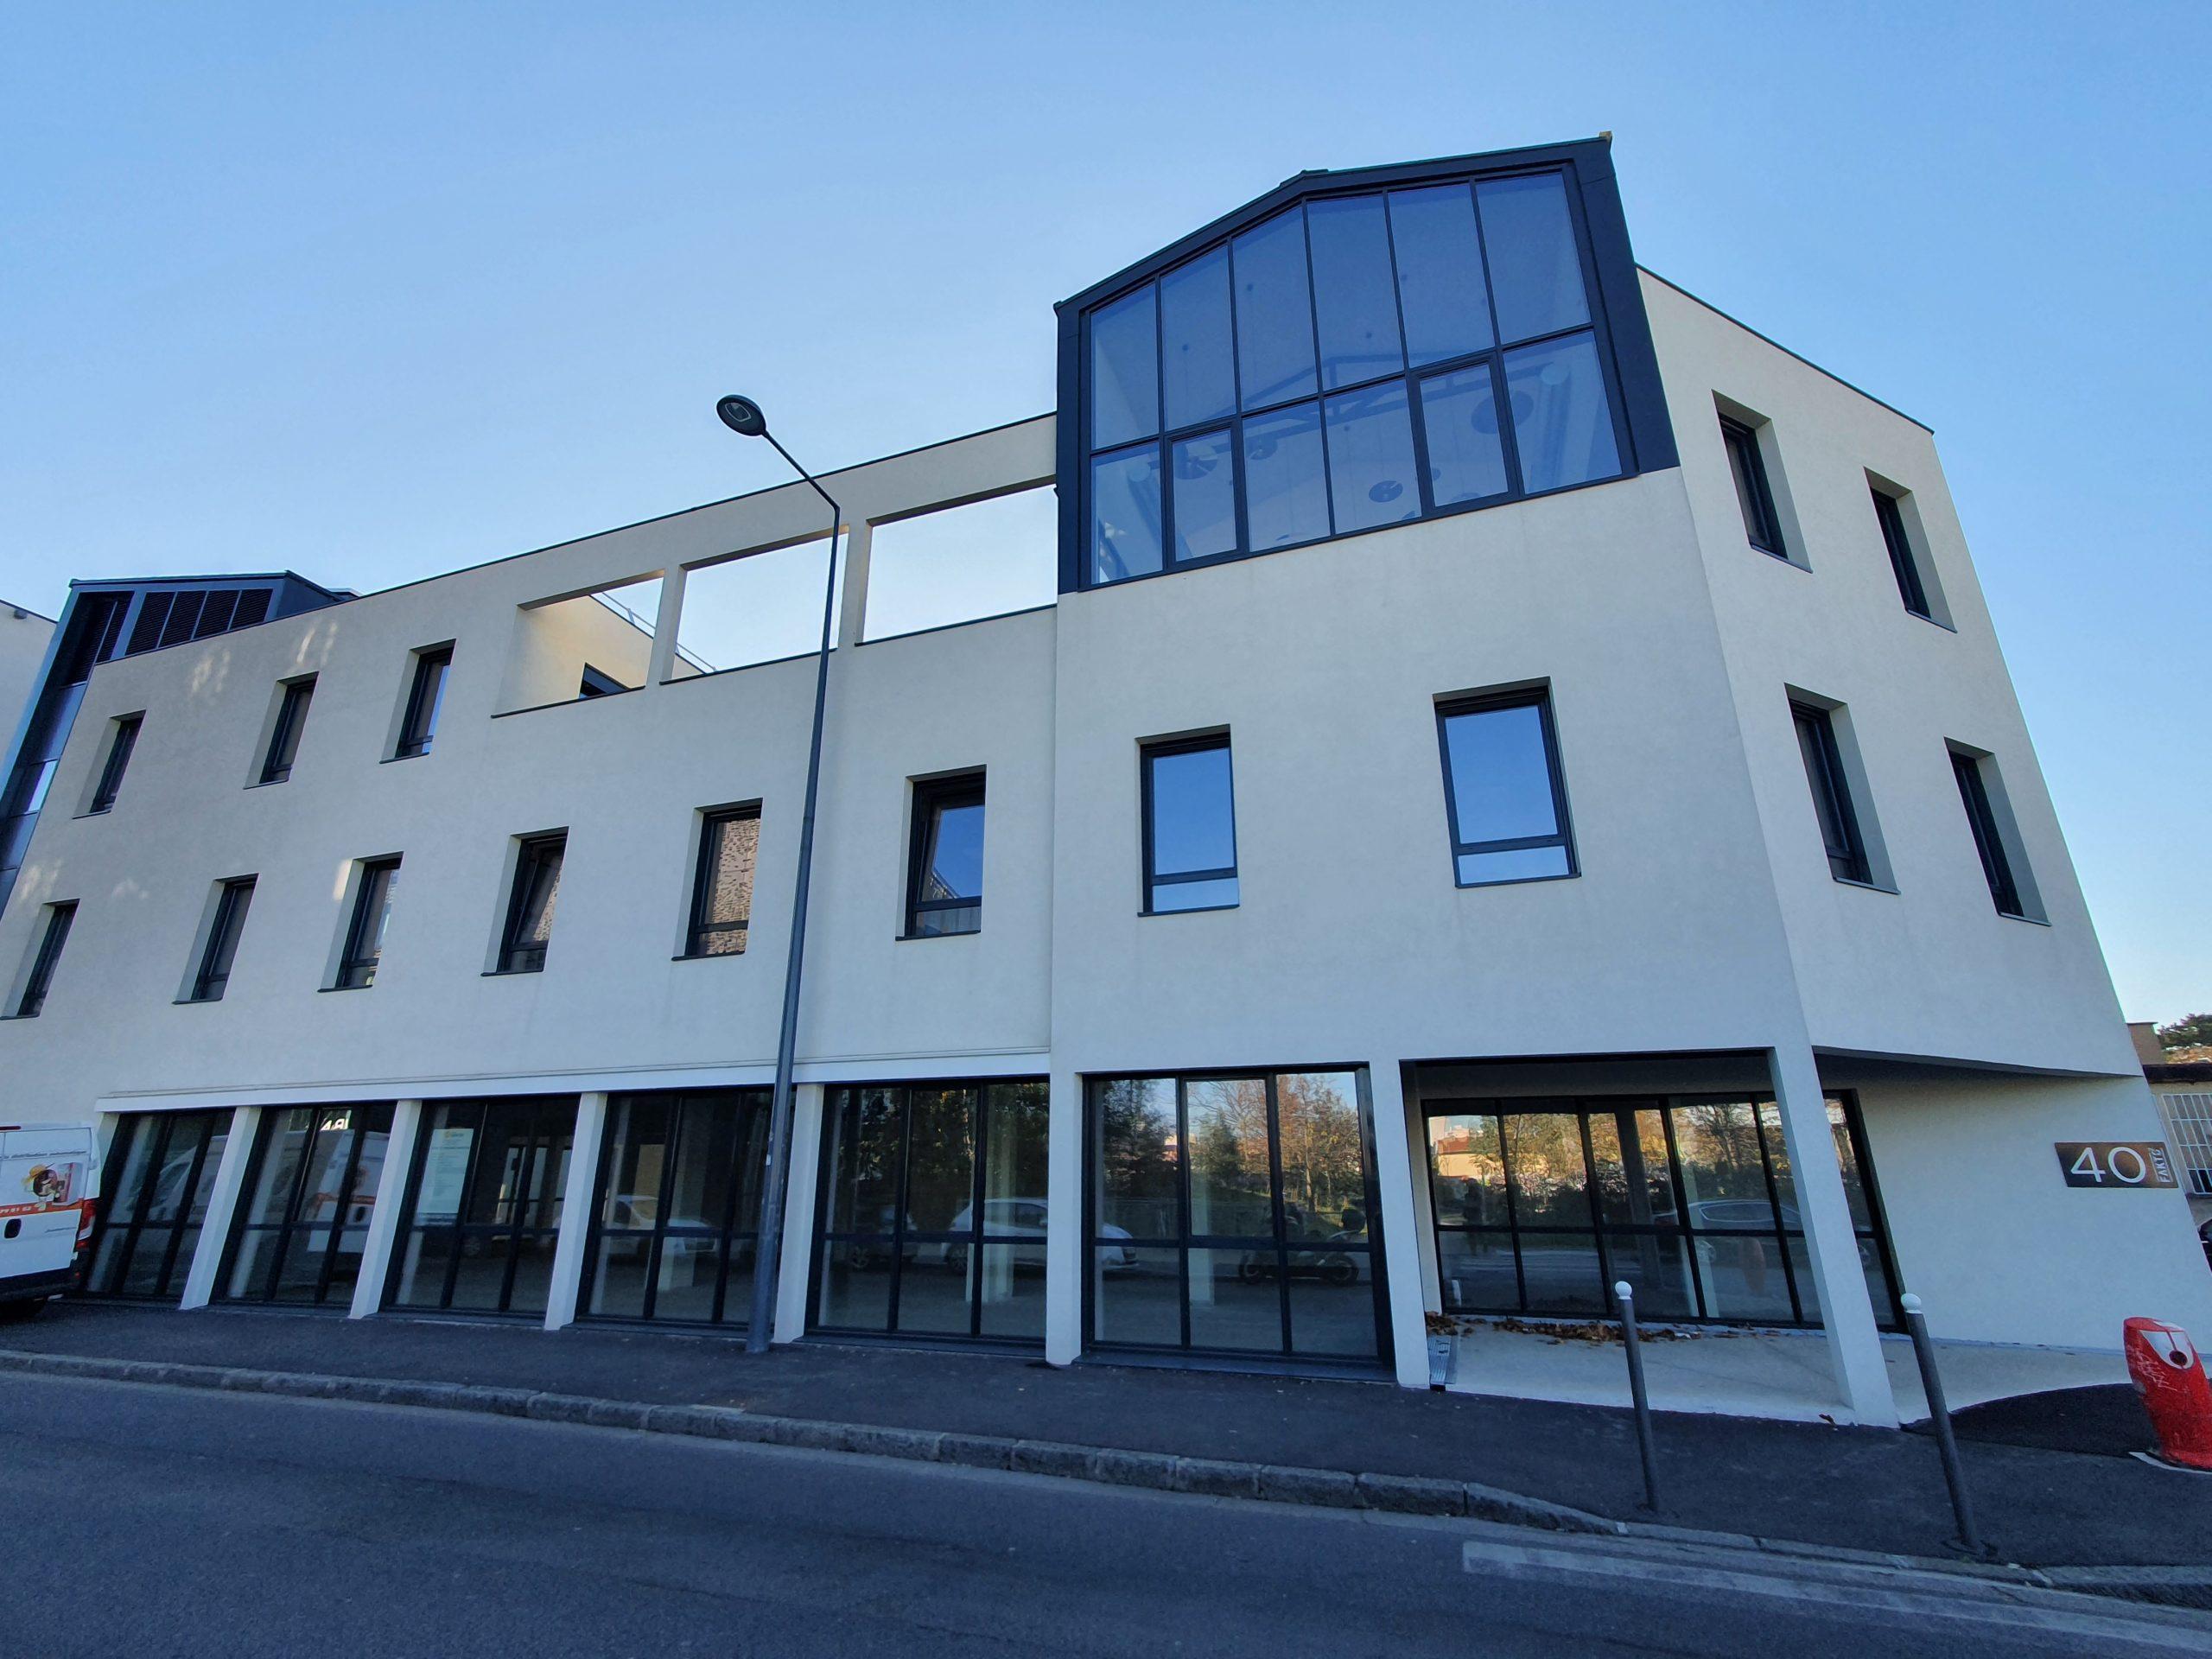 VILLEURBANNE 69100 Local commercial  A VENDRE  823 m² + jardin